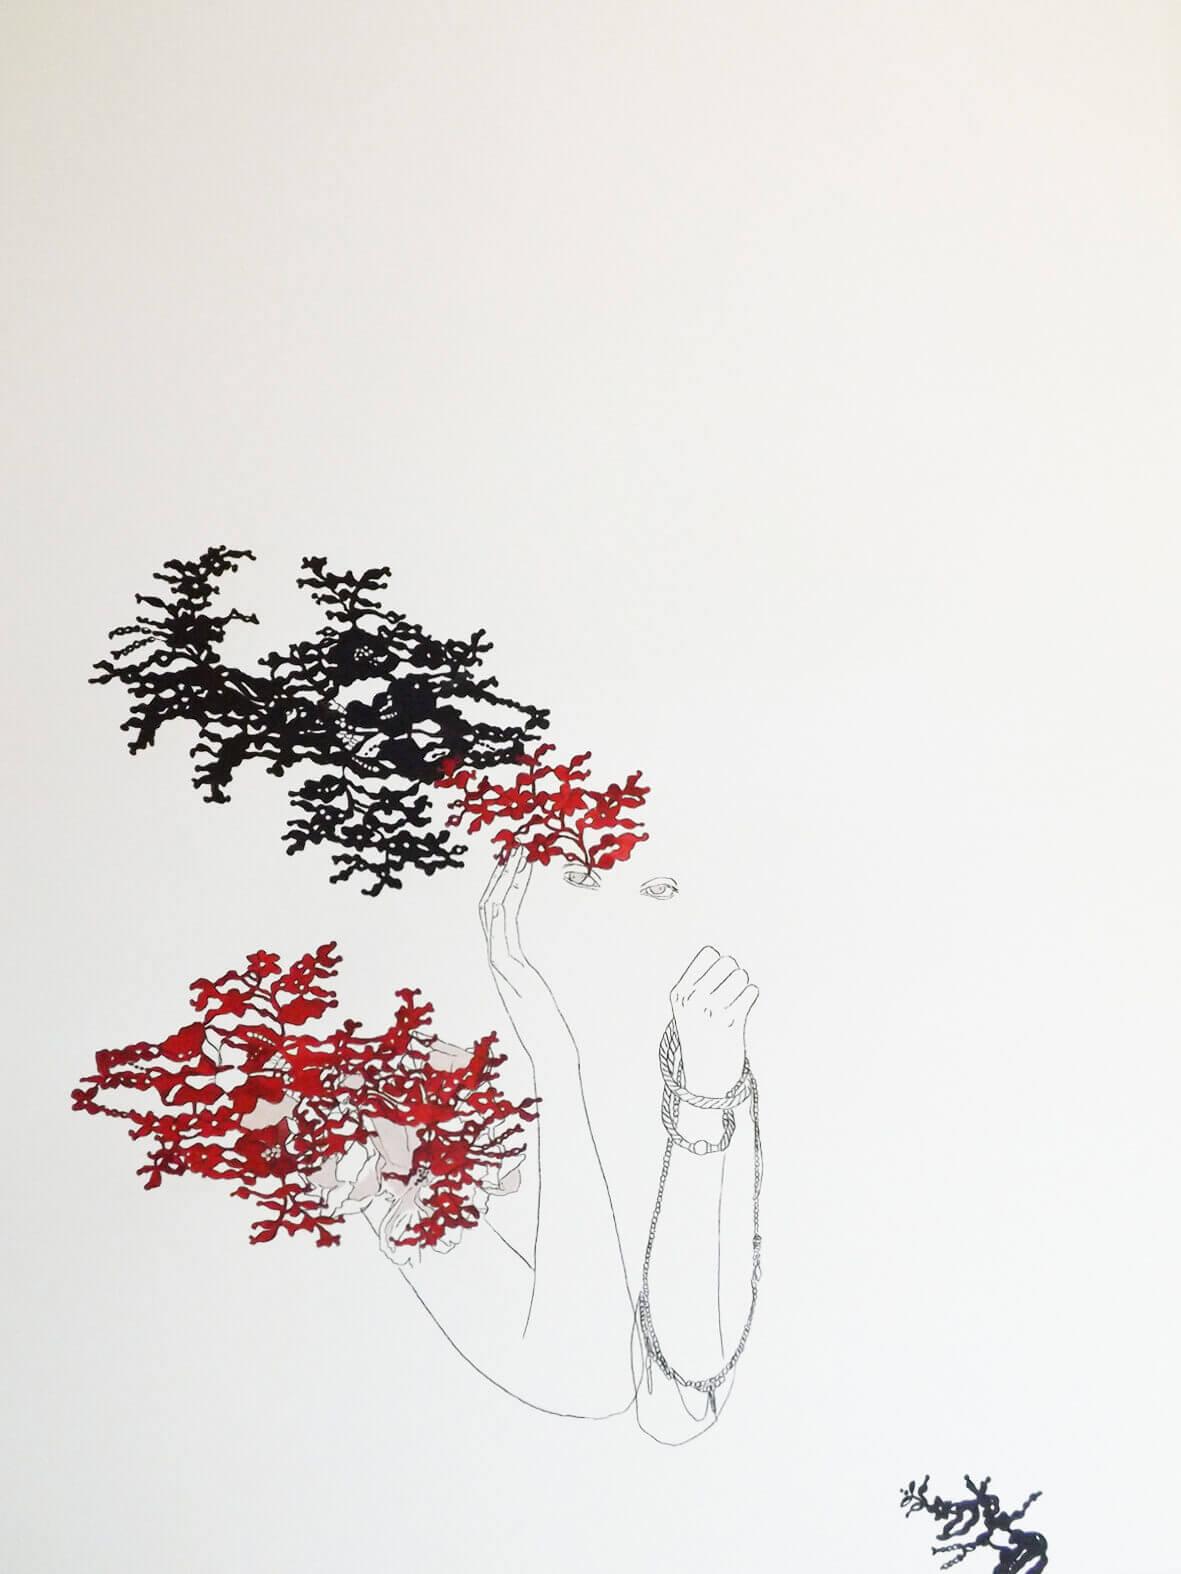 Hechizo Rosa / Las princesas delicadas. Técnica mixta (acuarela, acrílico y grafito) sobre papel.  83x63 cms